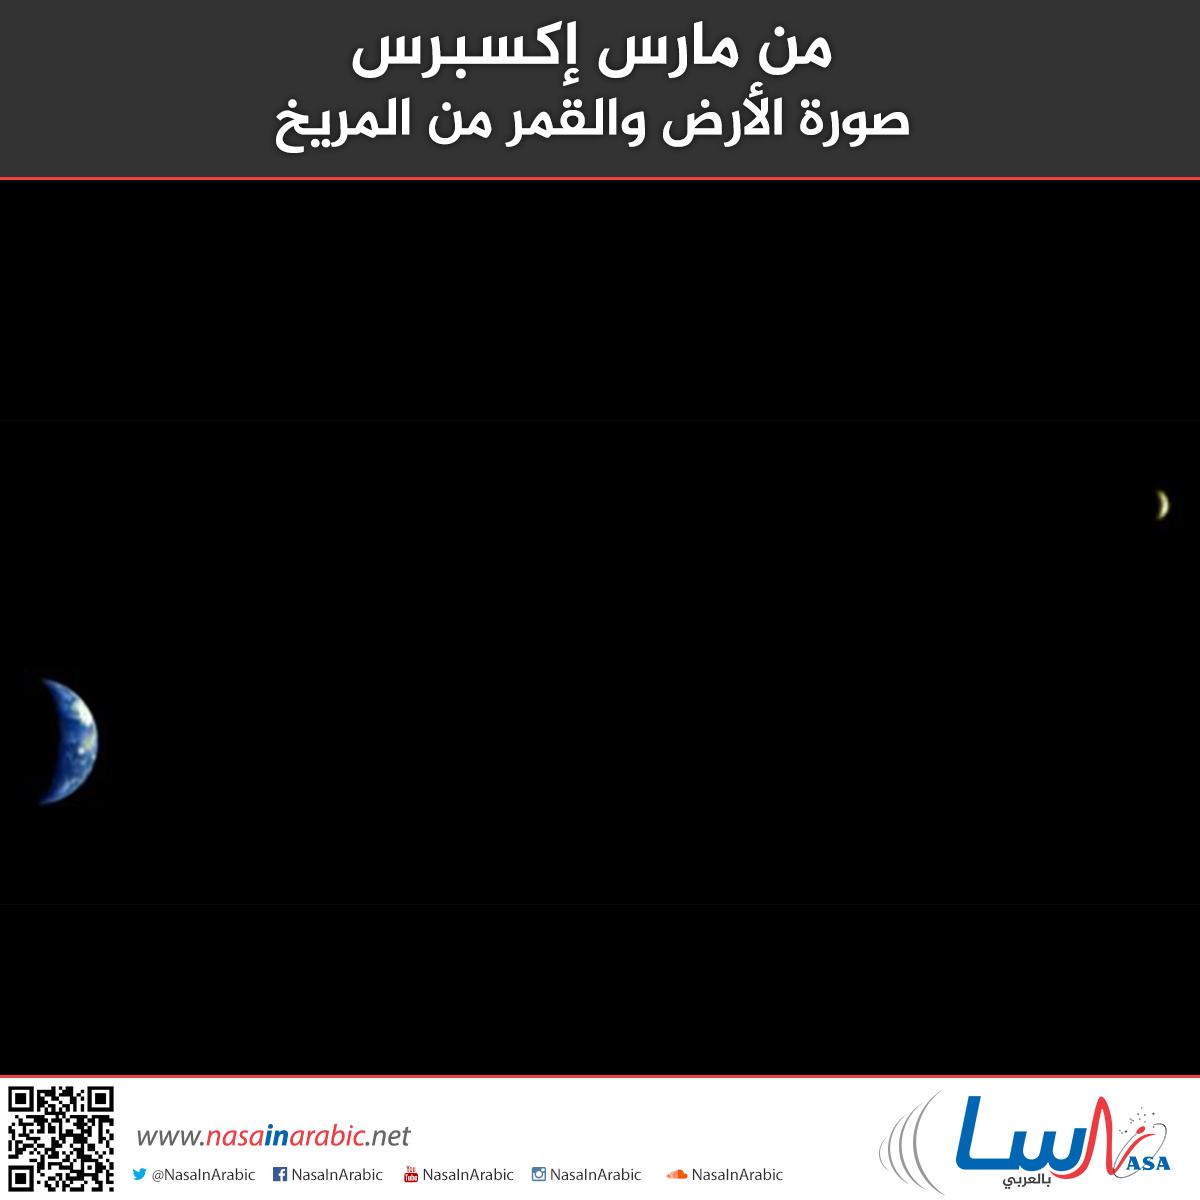 من مارس إكسبرس: صورة الأرض والقمر من المريخ